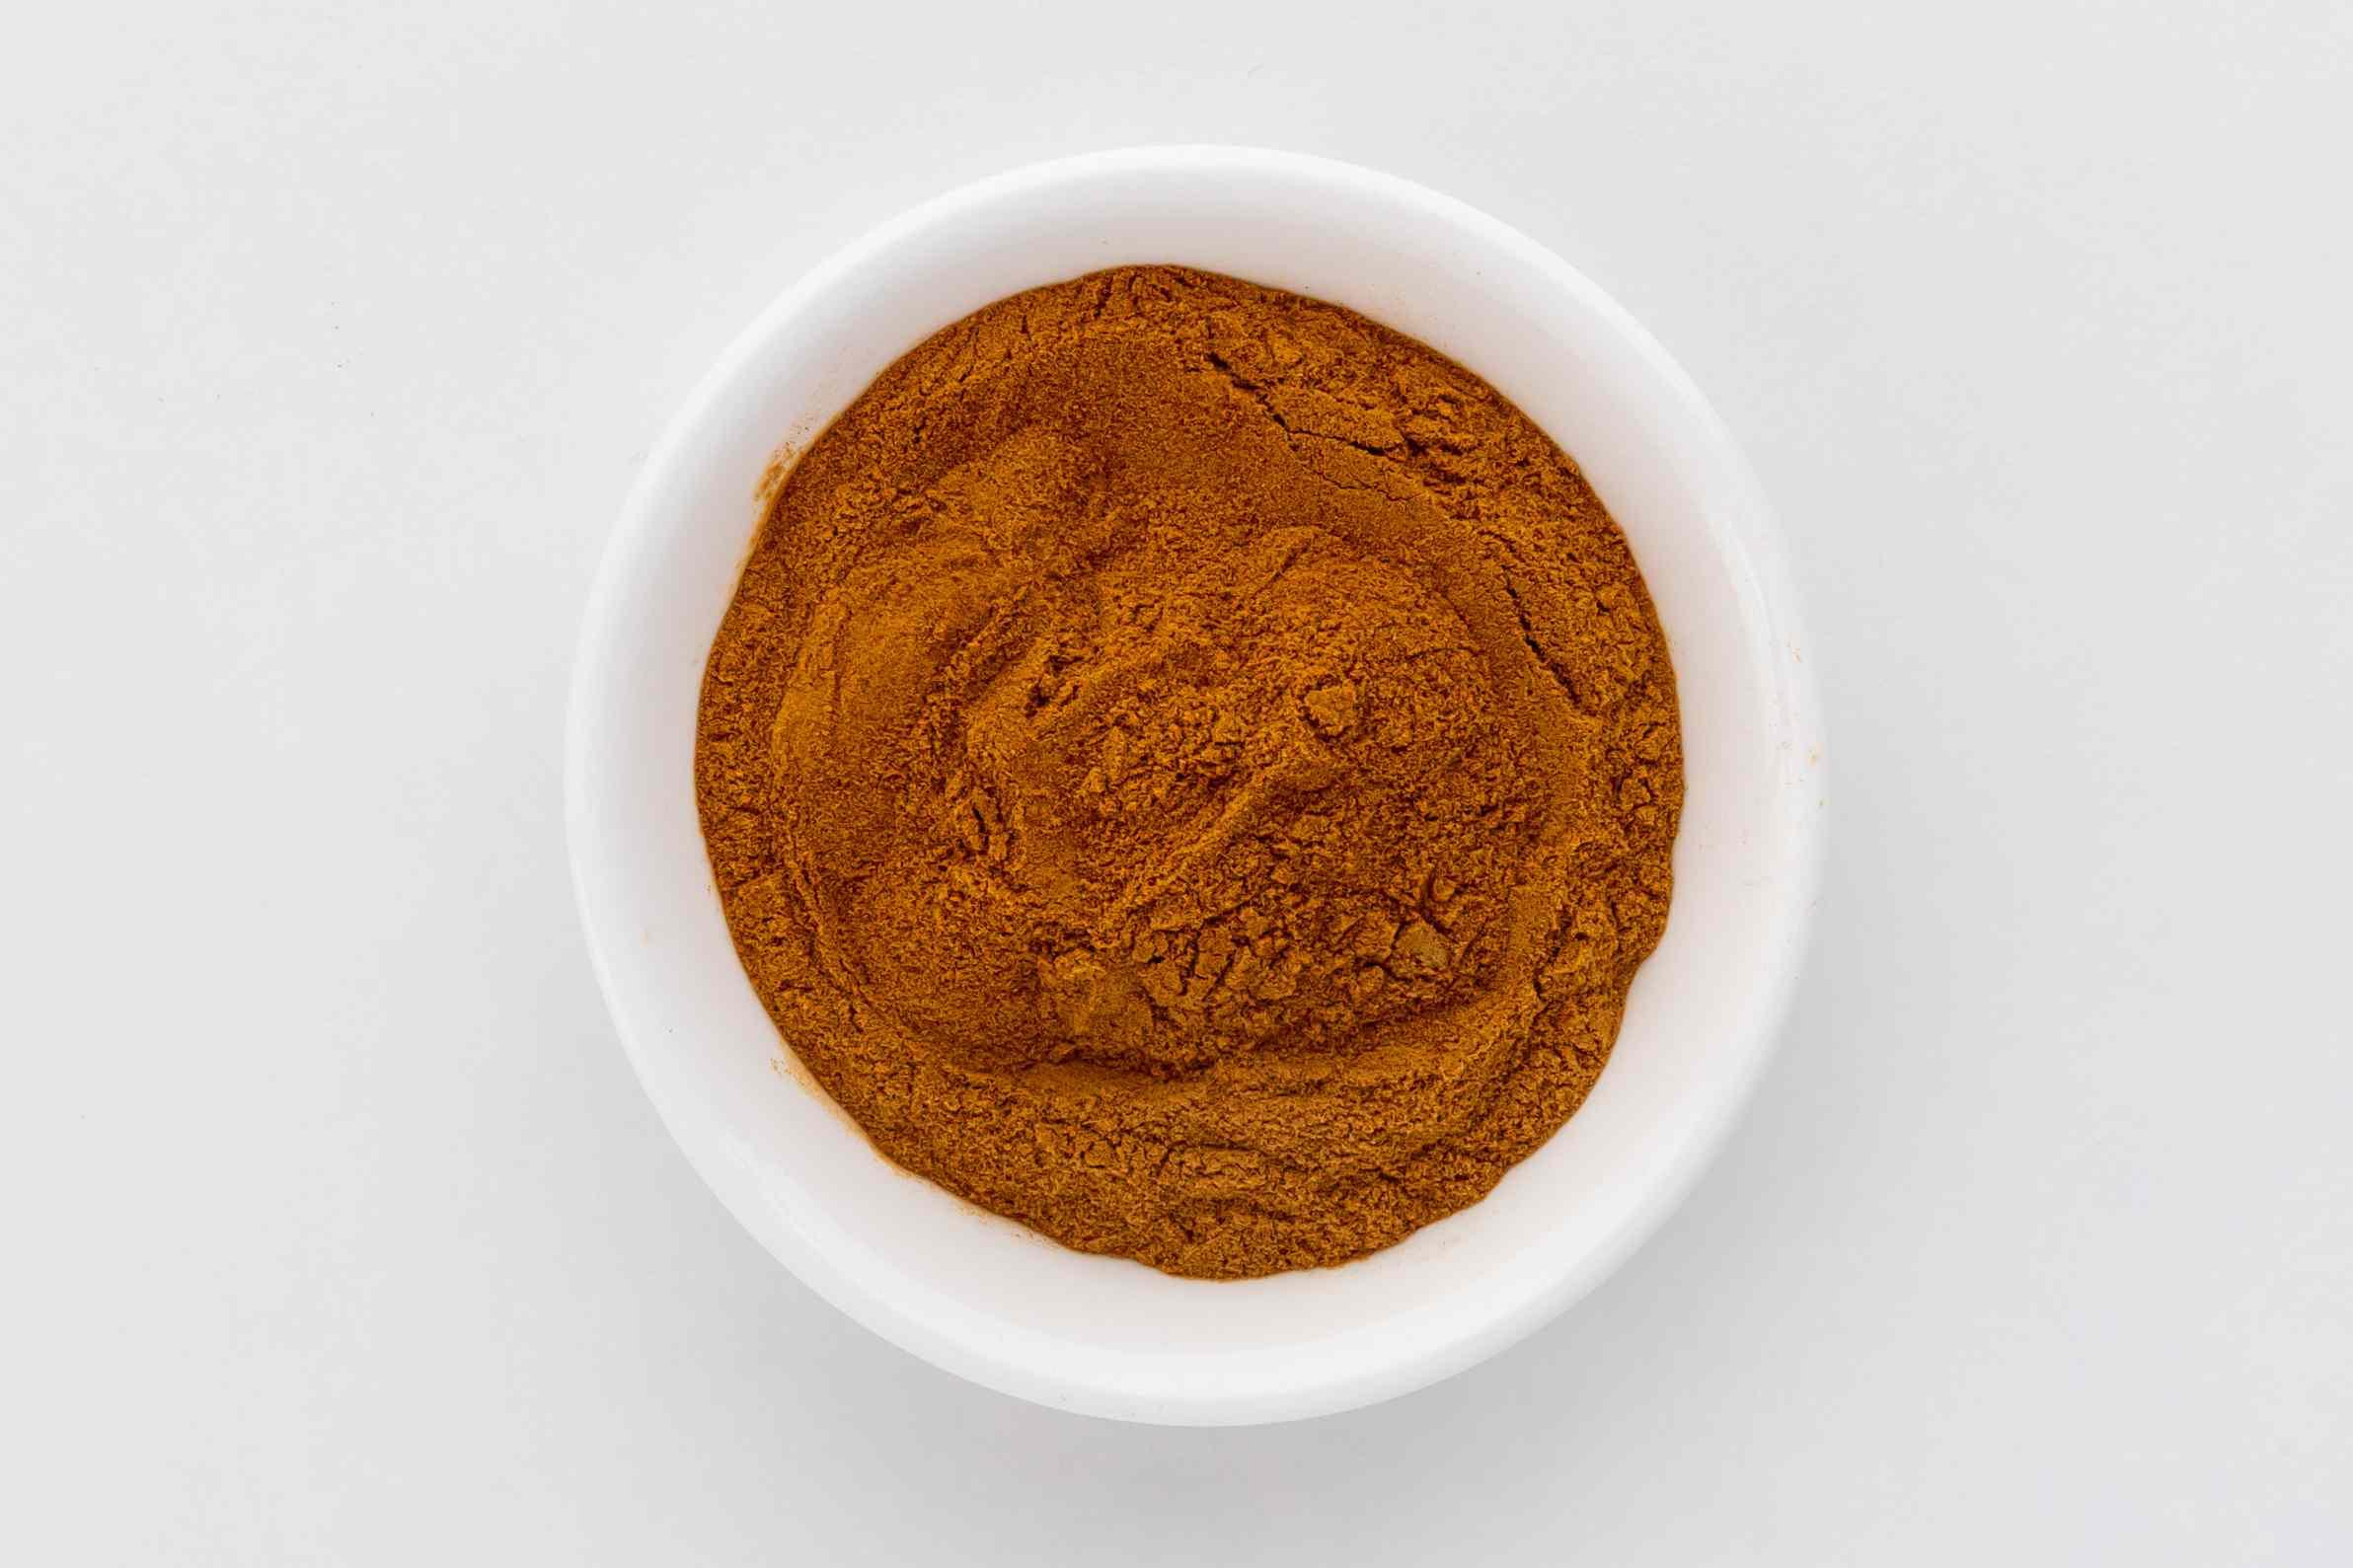 Mulungu powder